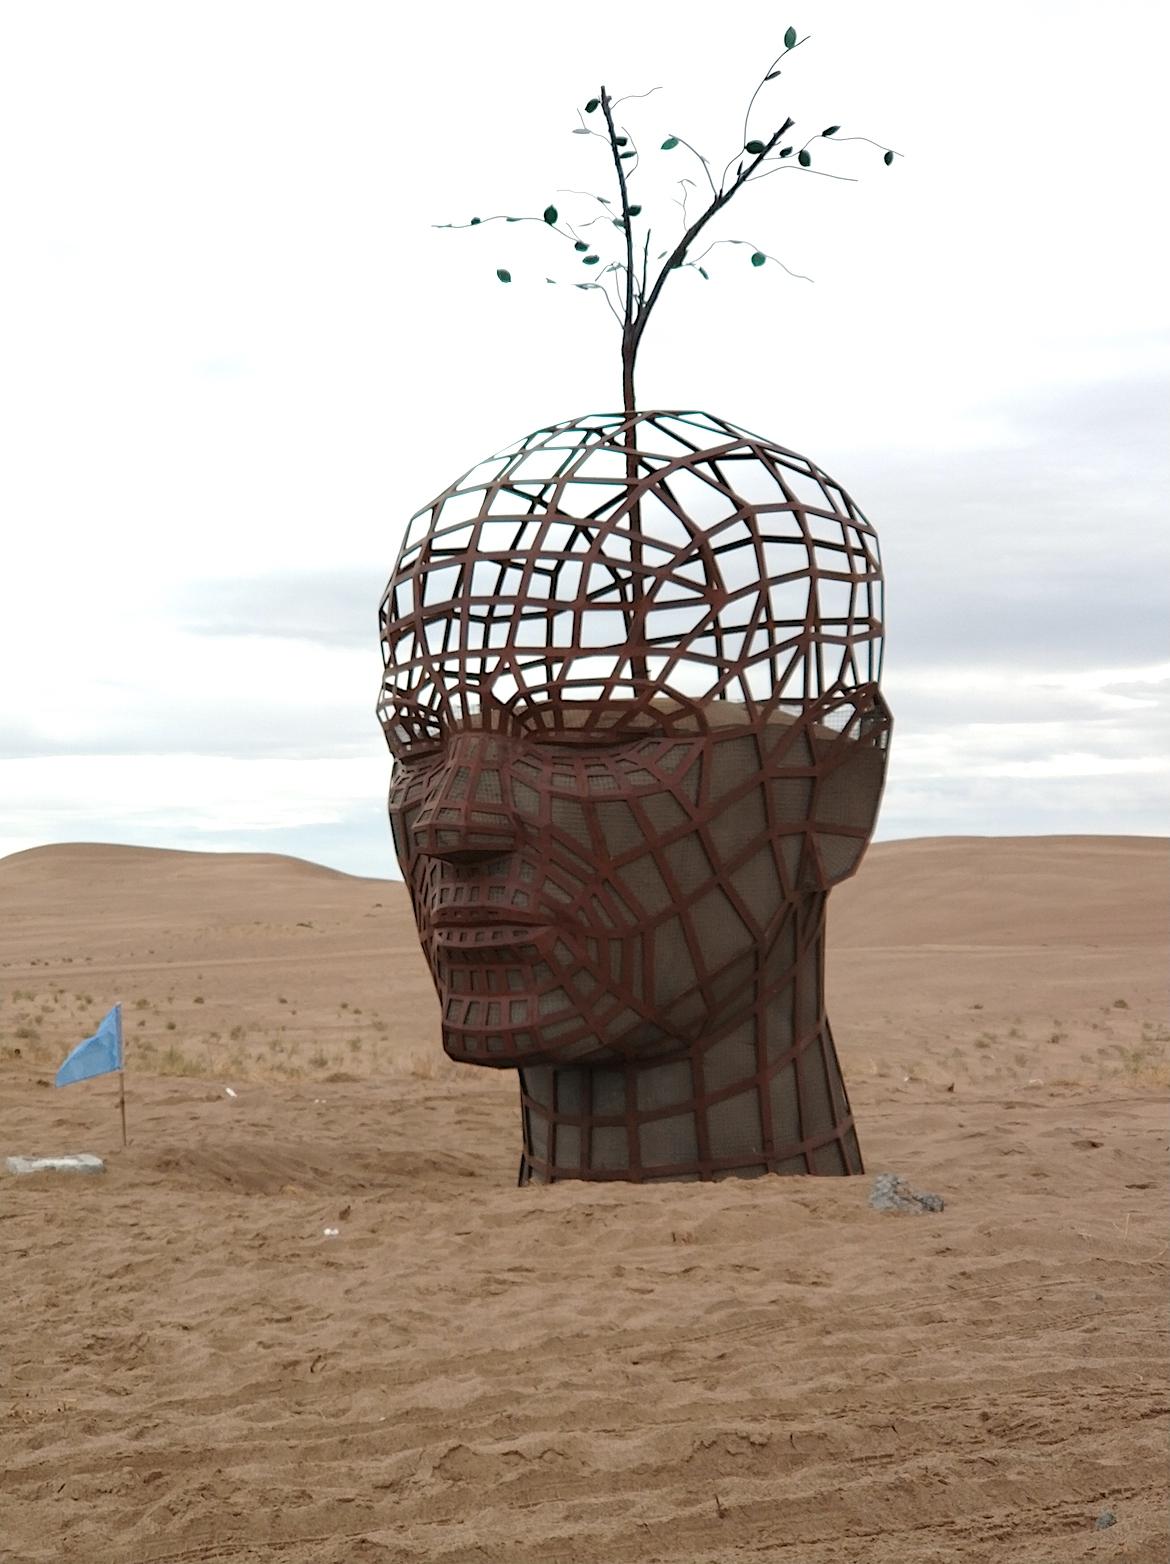 沙漠大人头不锈钢艺术镂空万博体育彩票官网app